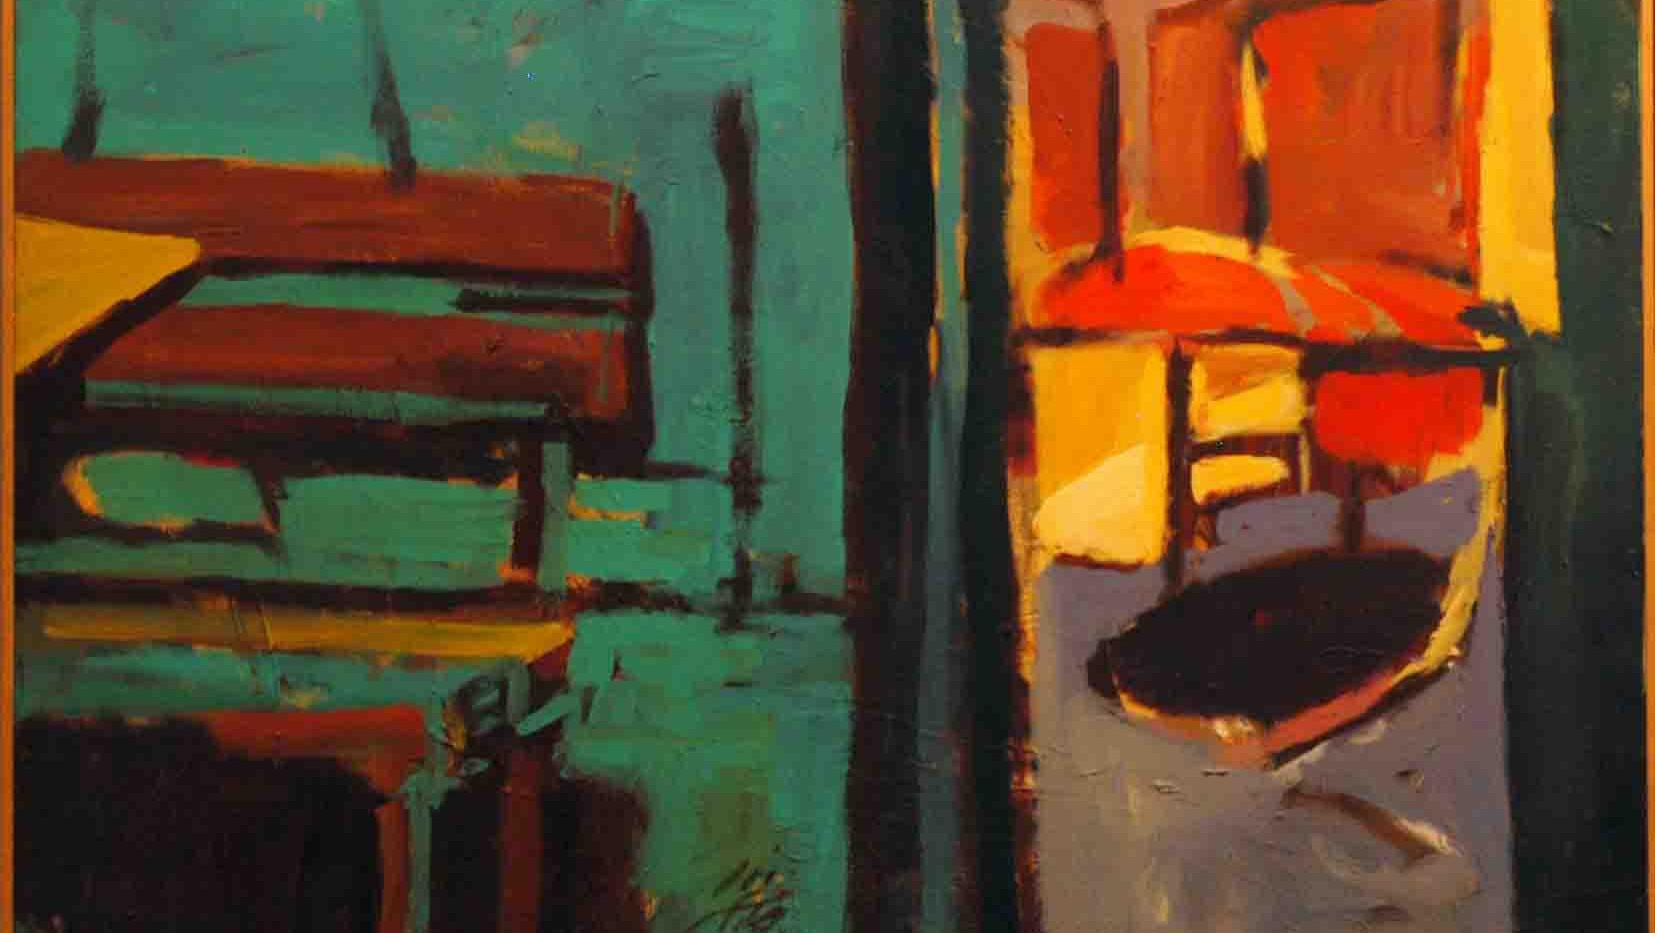 Farid Jahangir Acrylic on canvas 120 x 120 cm 2004